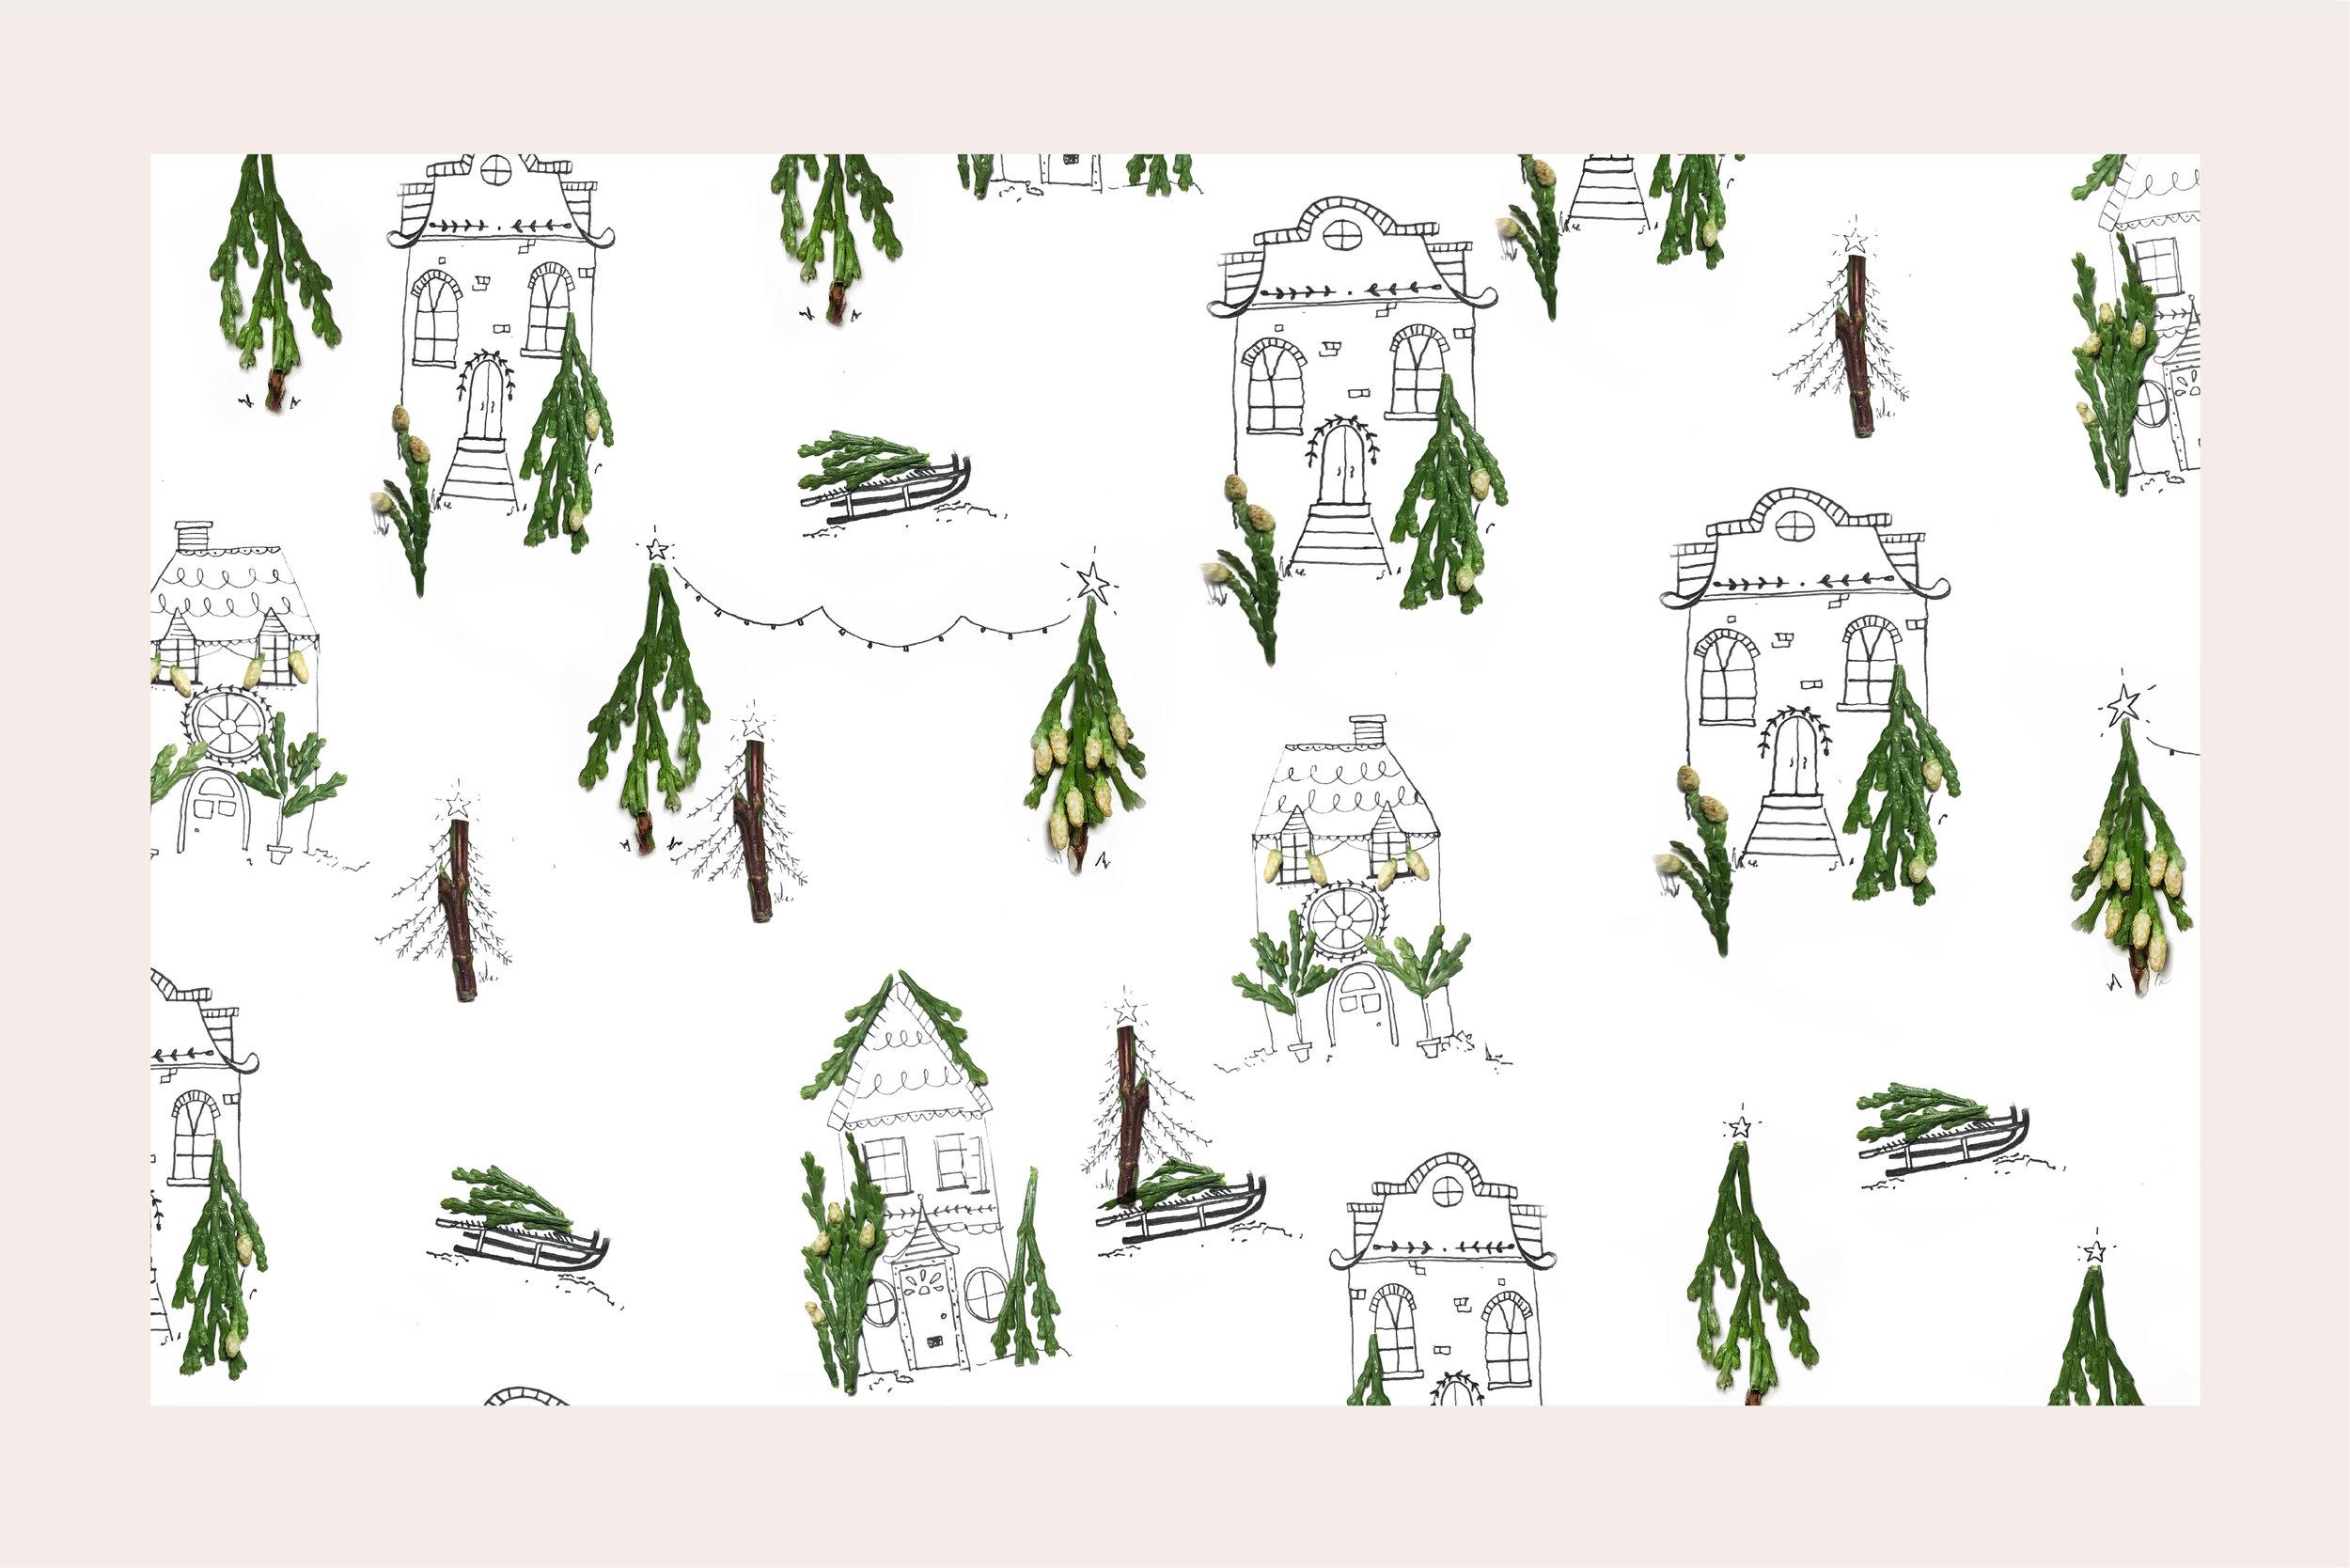 Wilkie_maryclarewilkie-greentrees-05.jpg